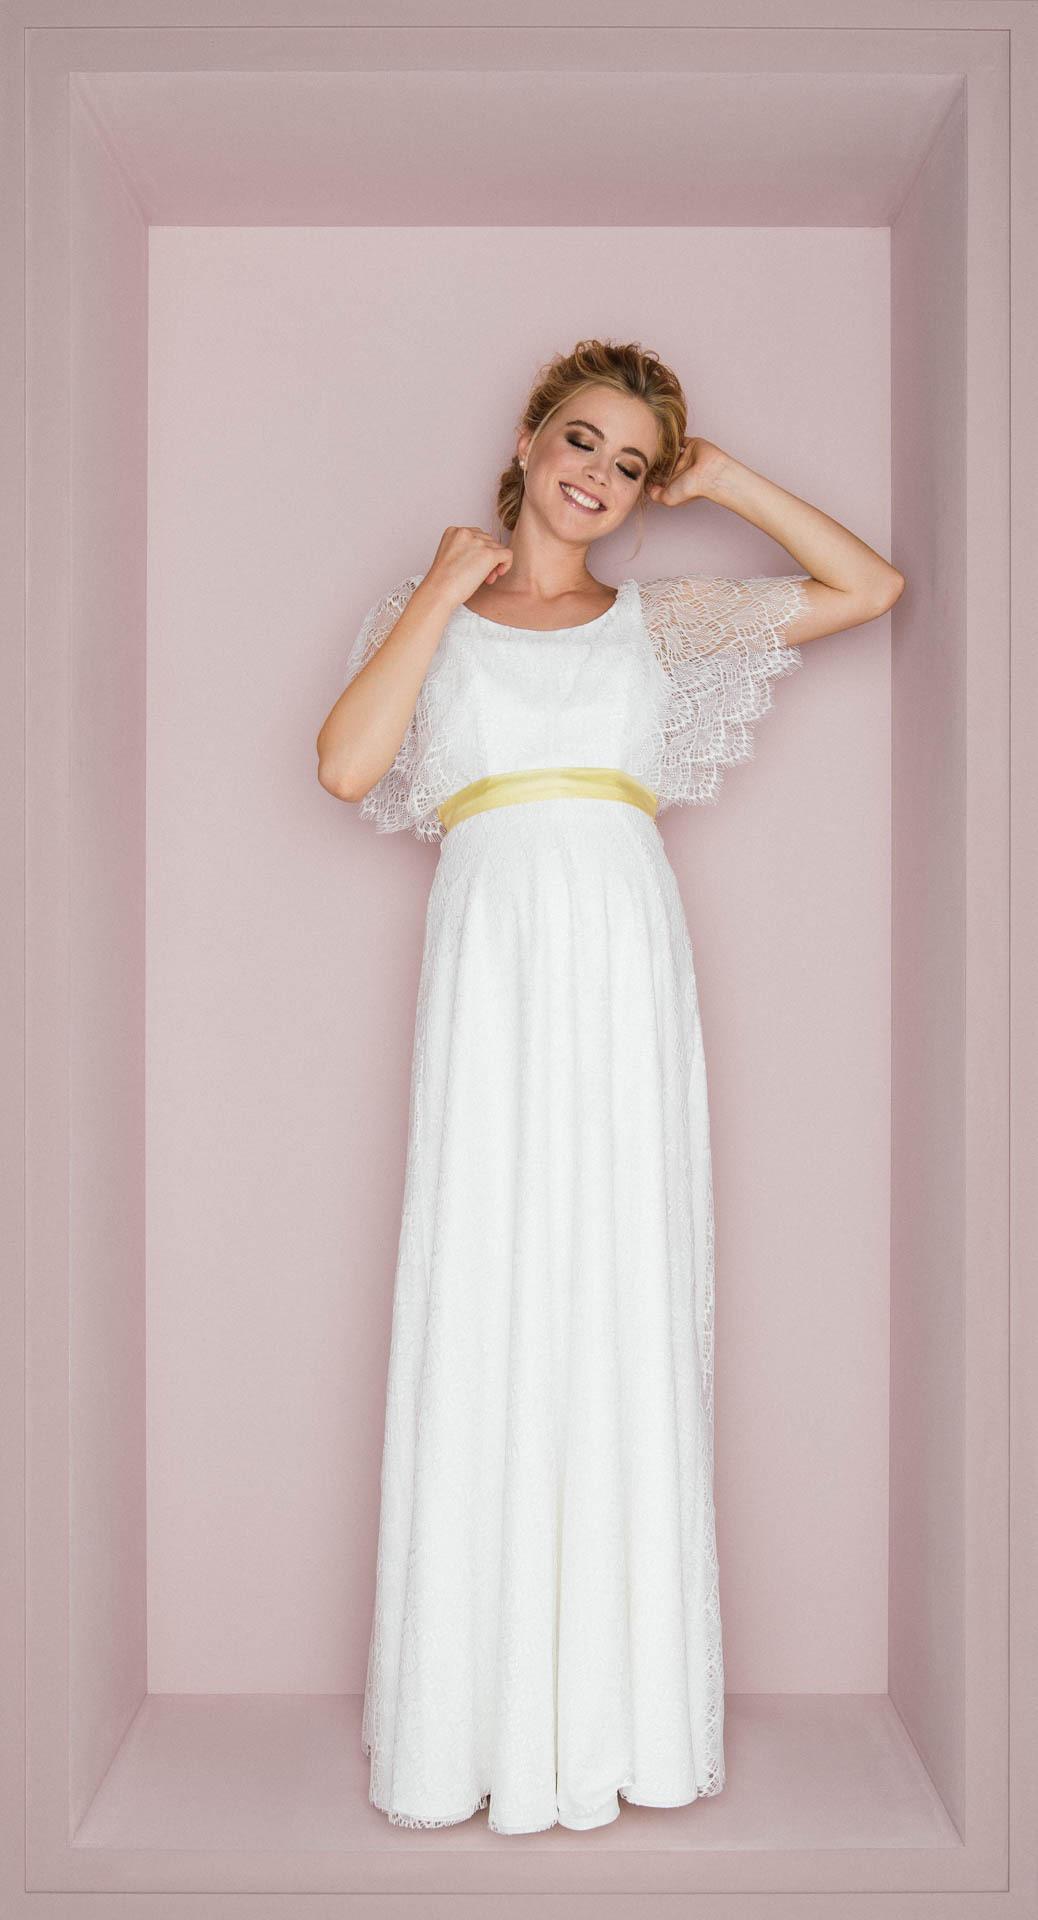 20 Genial Brautmode Für Schwangere Design17 Luxus Brautmode Für Schwangere Bester Preis